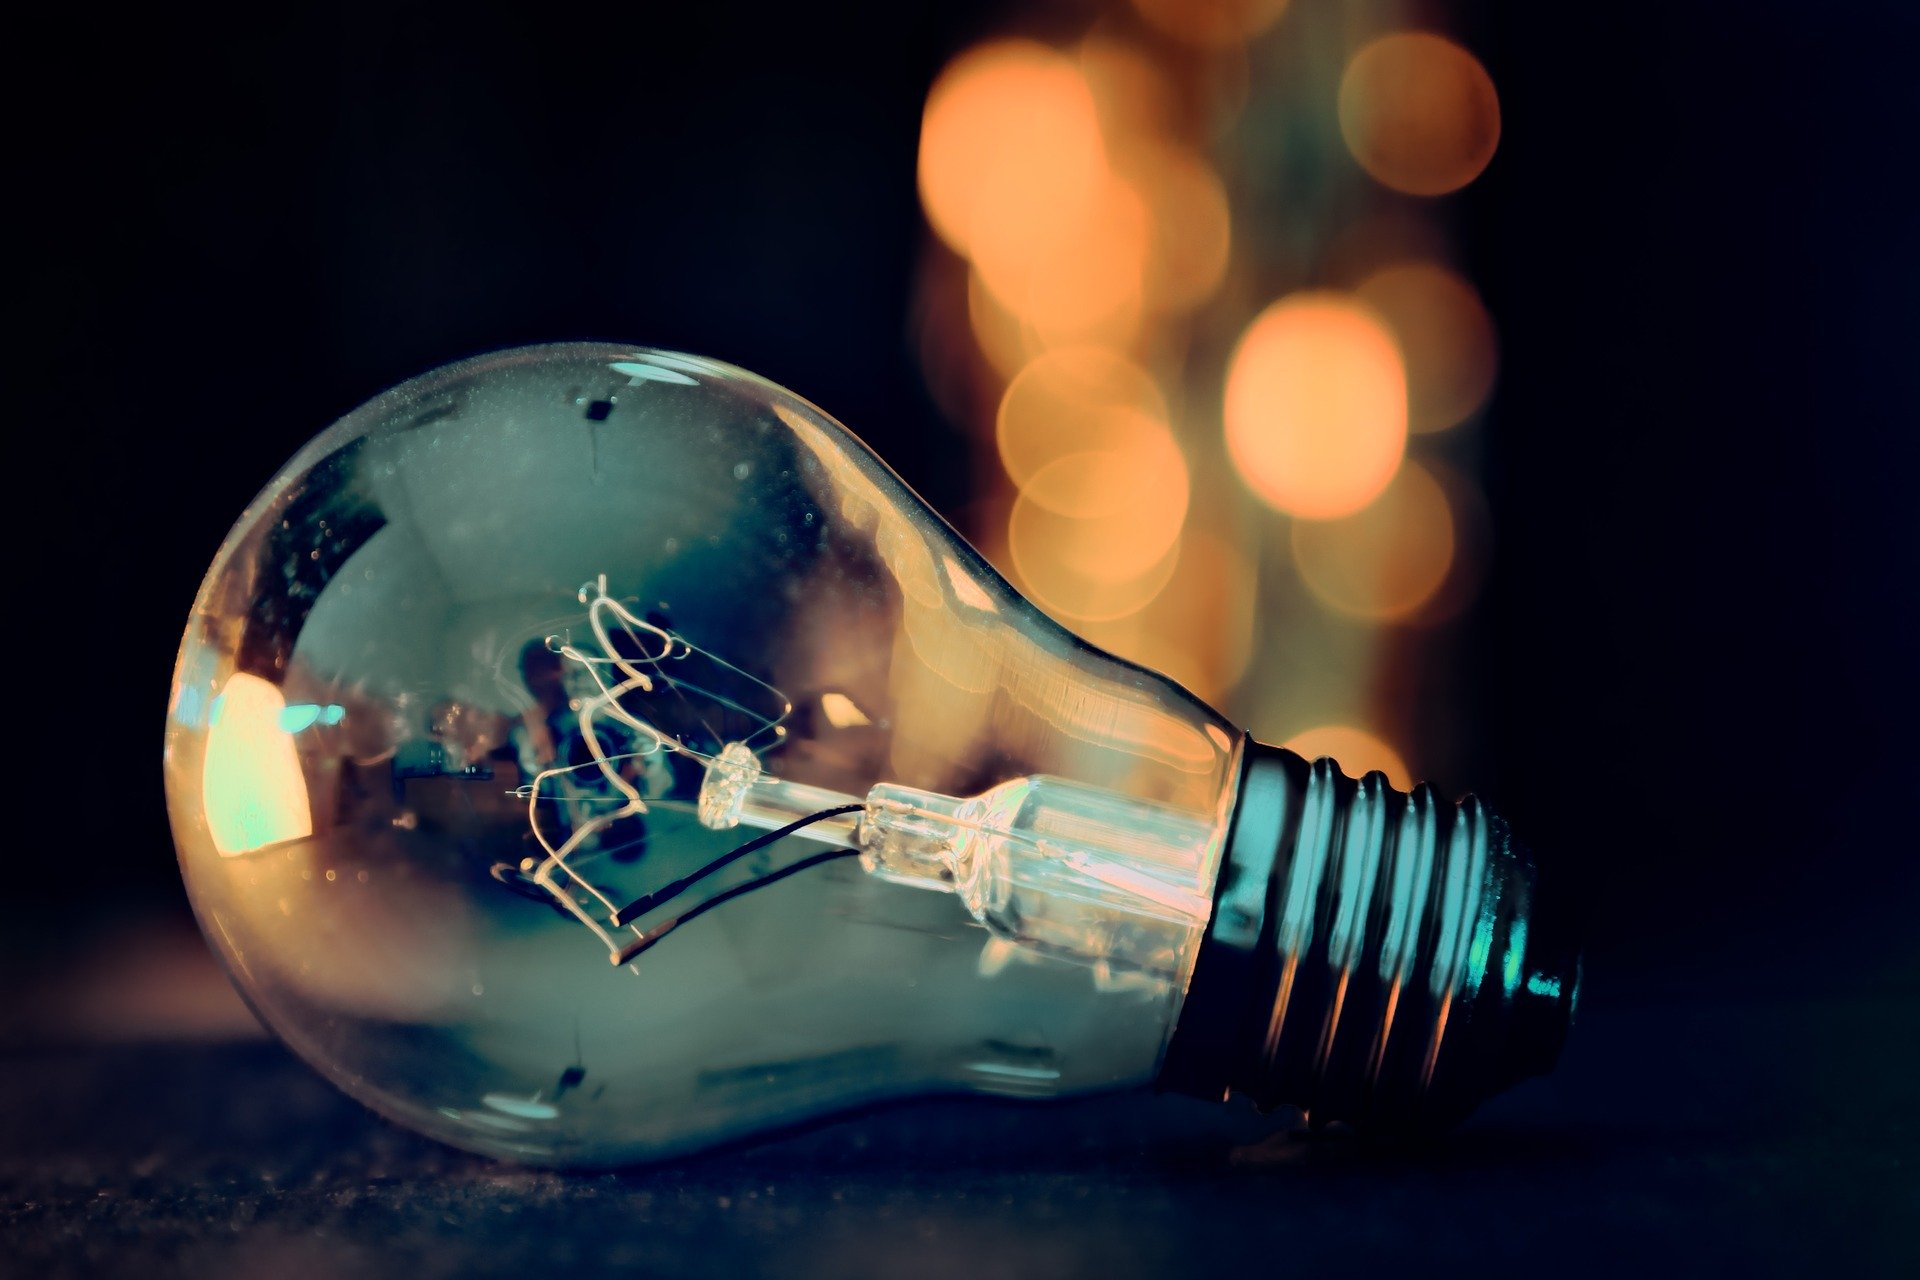 Закупівля послуг з компенсації перетікань реактивної електричної енергії: правове регулювання і практика застосування